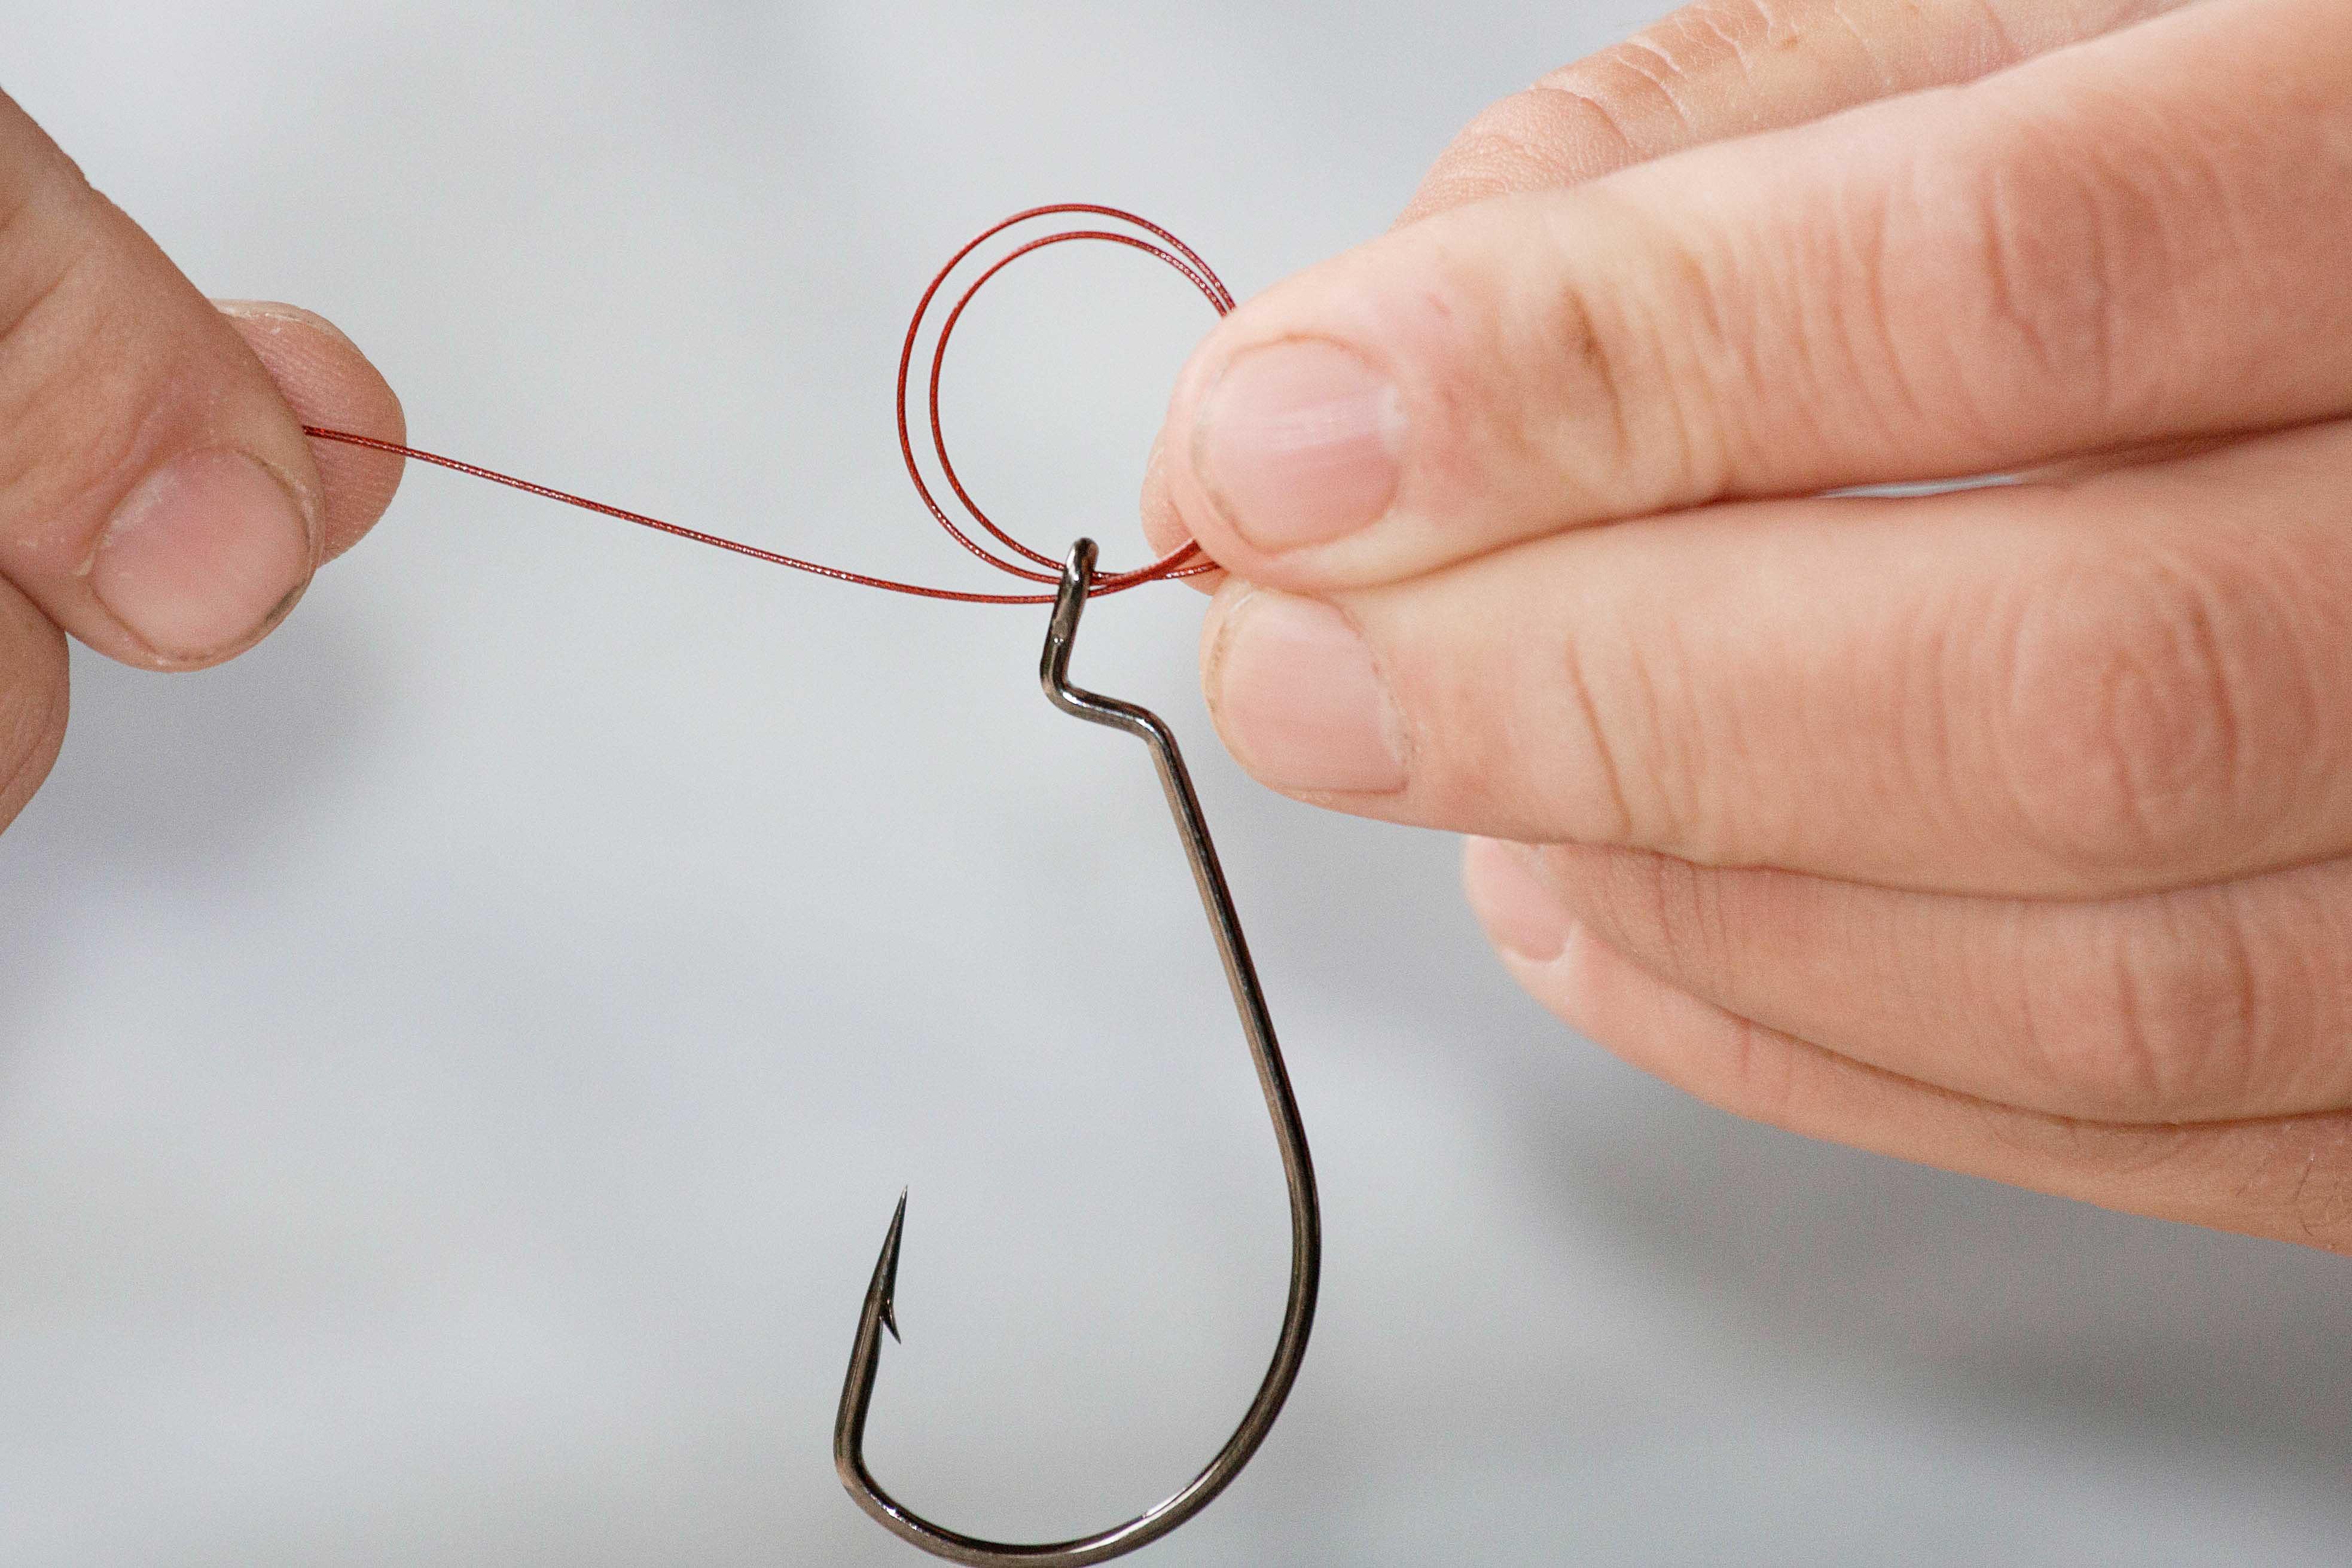 Der Fat- Mono-Knoten eignet sich bestens zum Anknoten des Hakens. Zuerst zwei Schlaufen durch das Öhr führen...